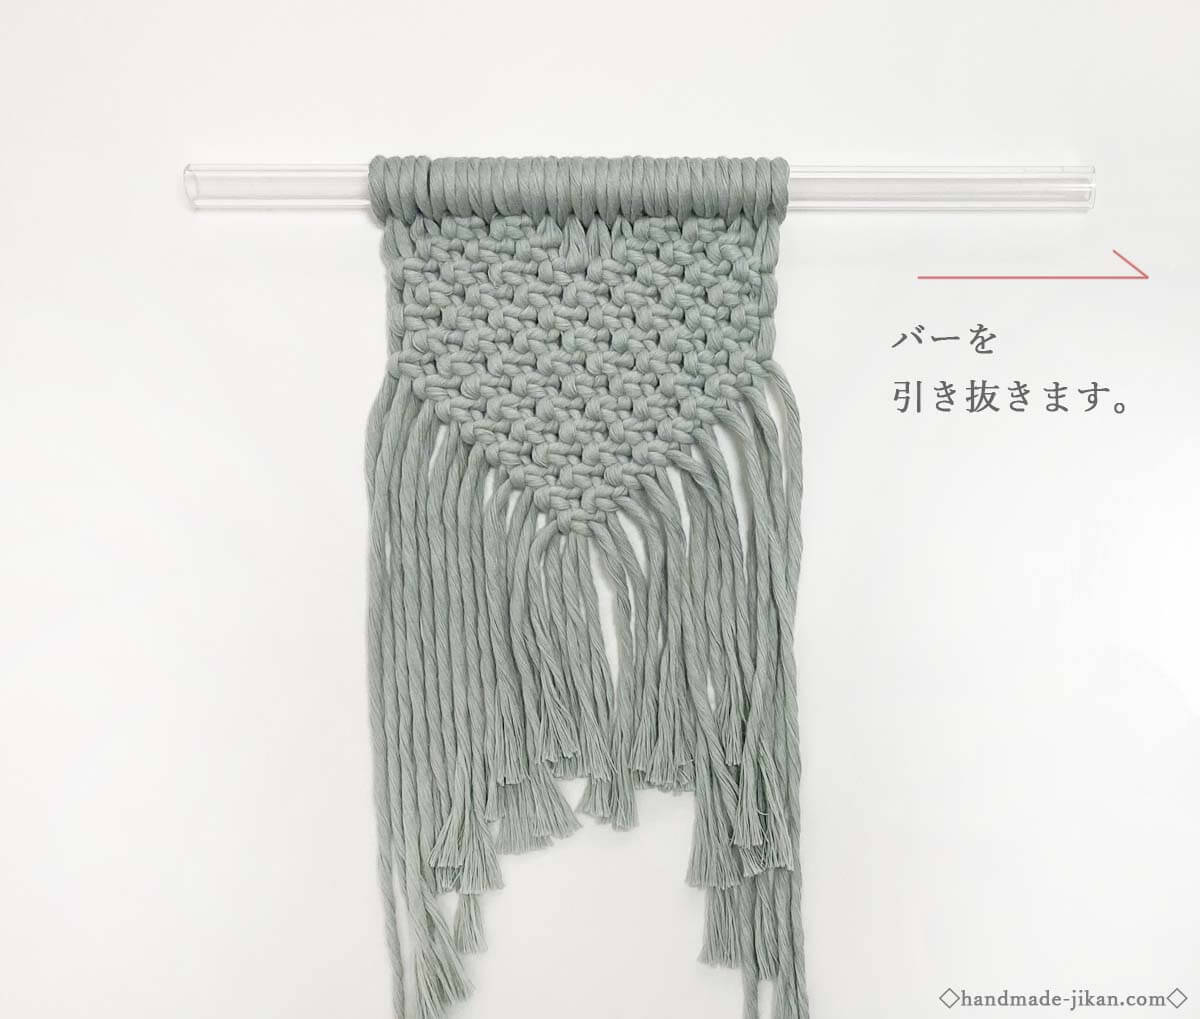 ハート型に編んだマクラメ編み